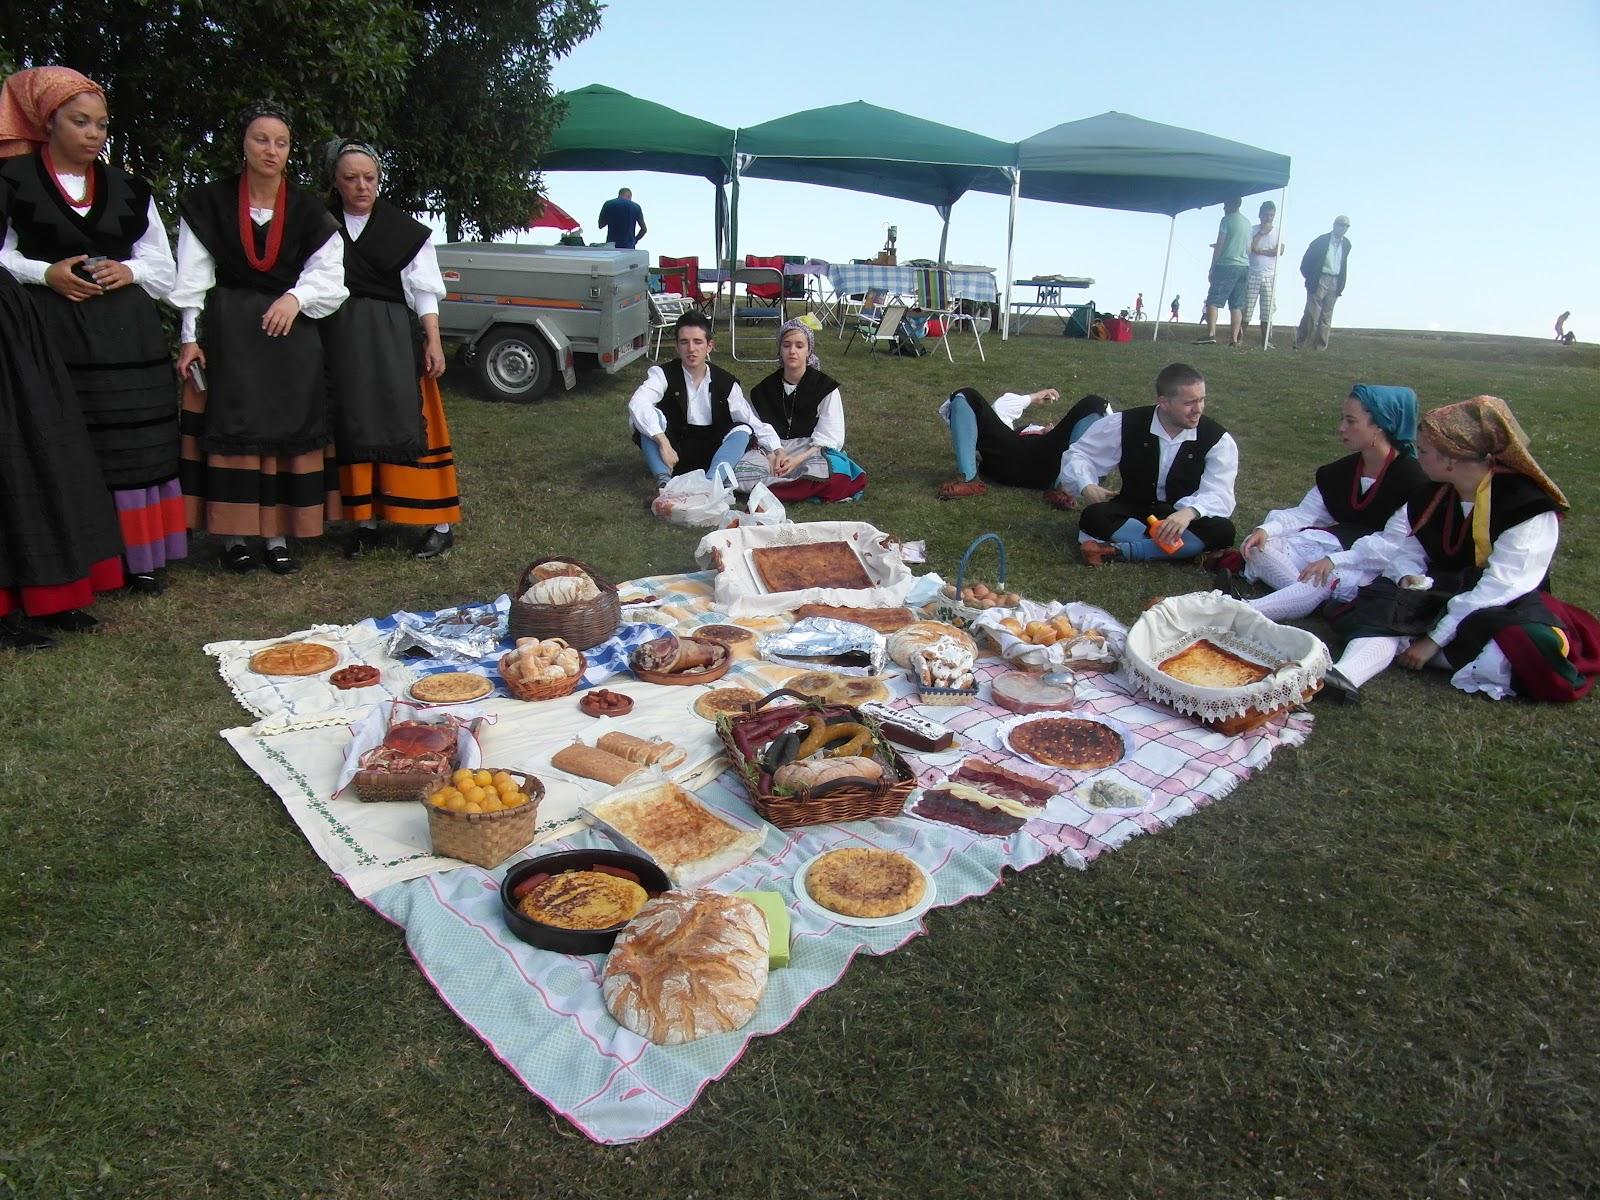 Cultura y folklore espa ol dia de asturias en gijon y for Tanatorio jardines de noega